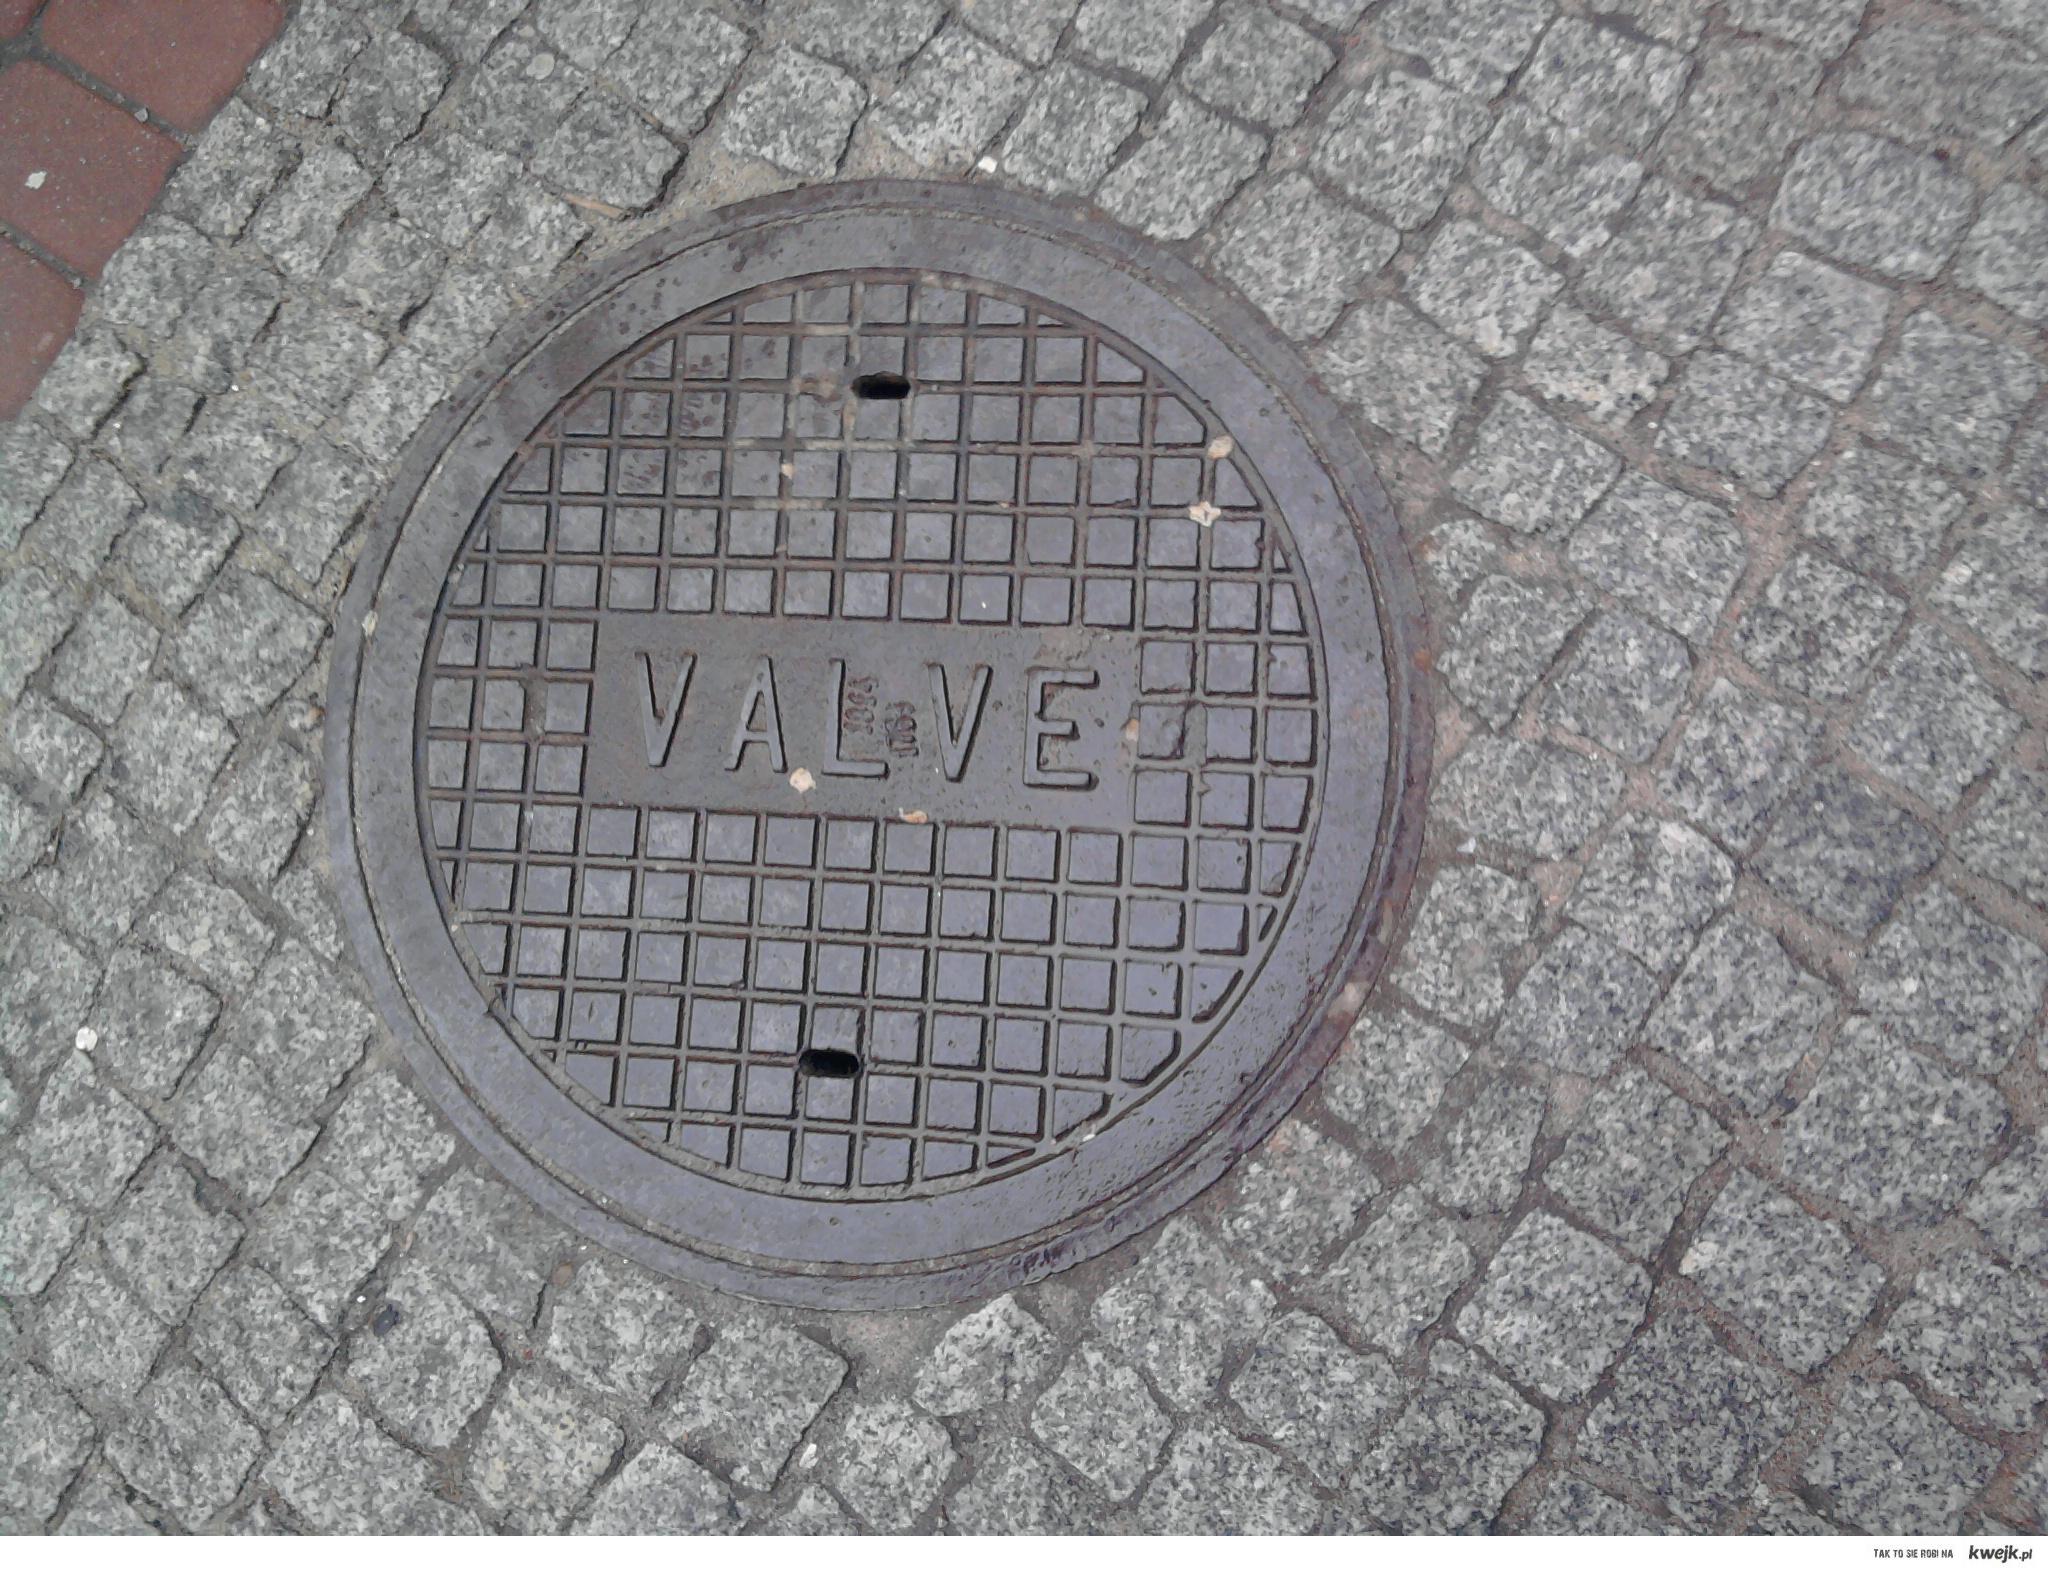 Siedziba Valve